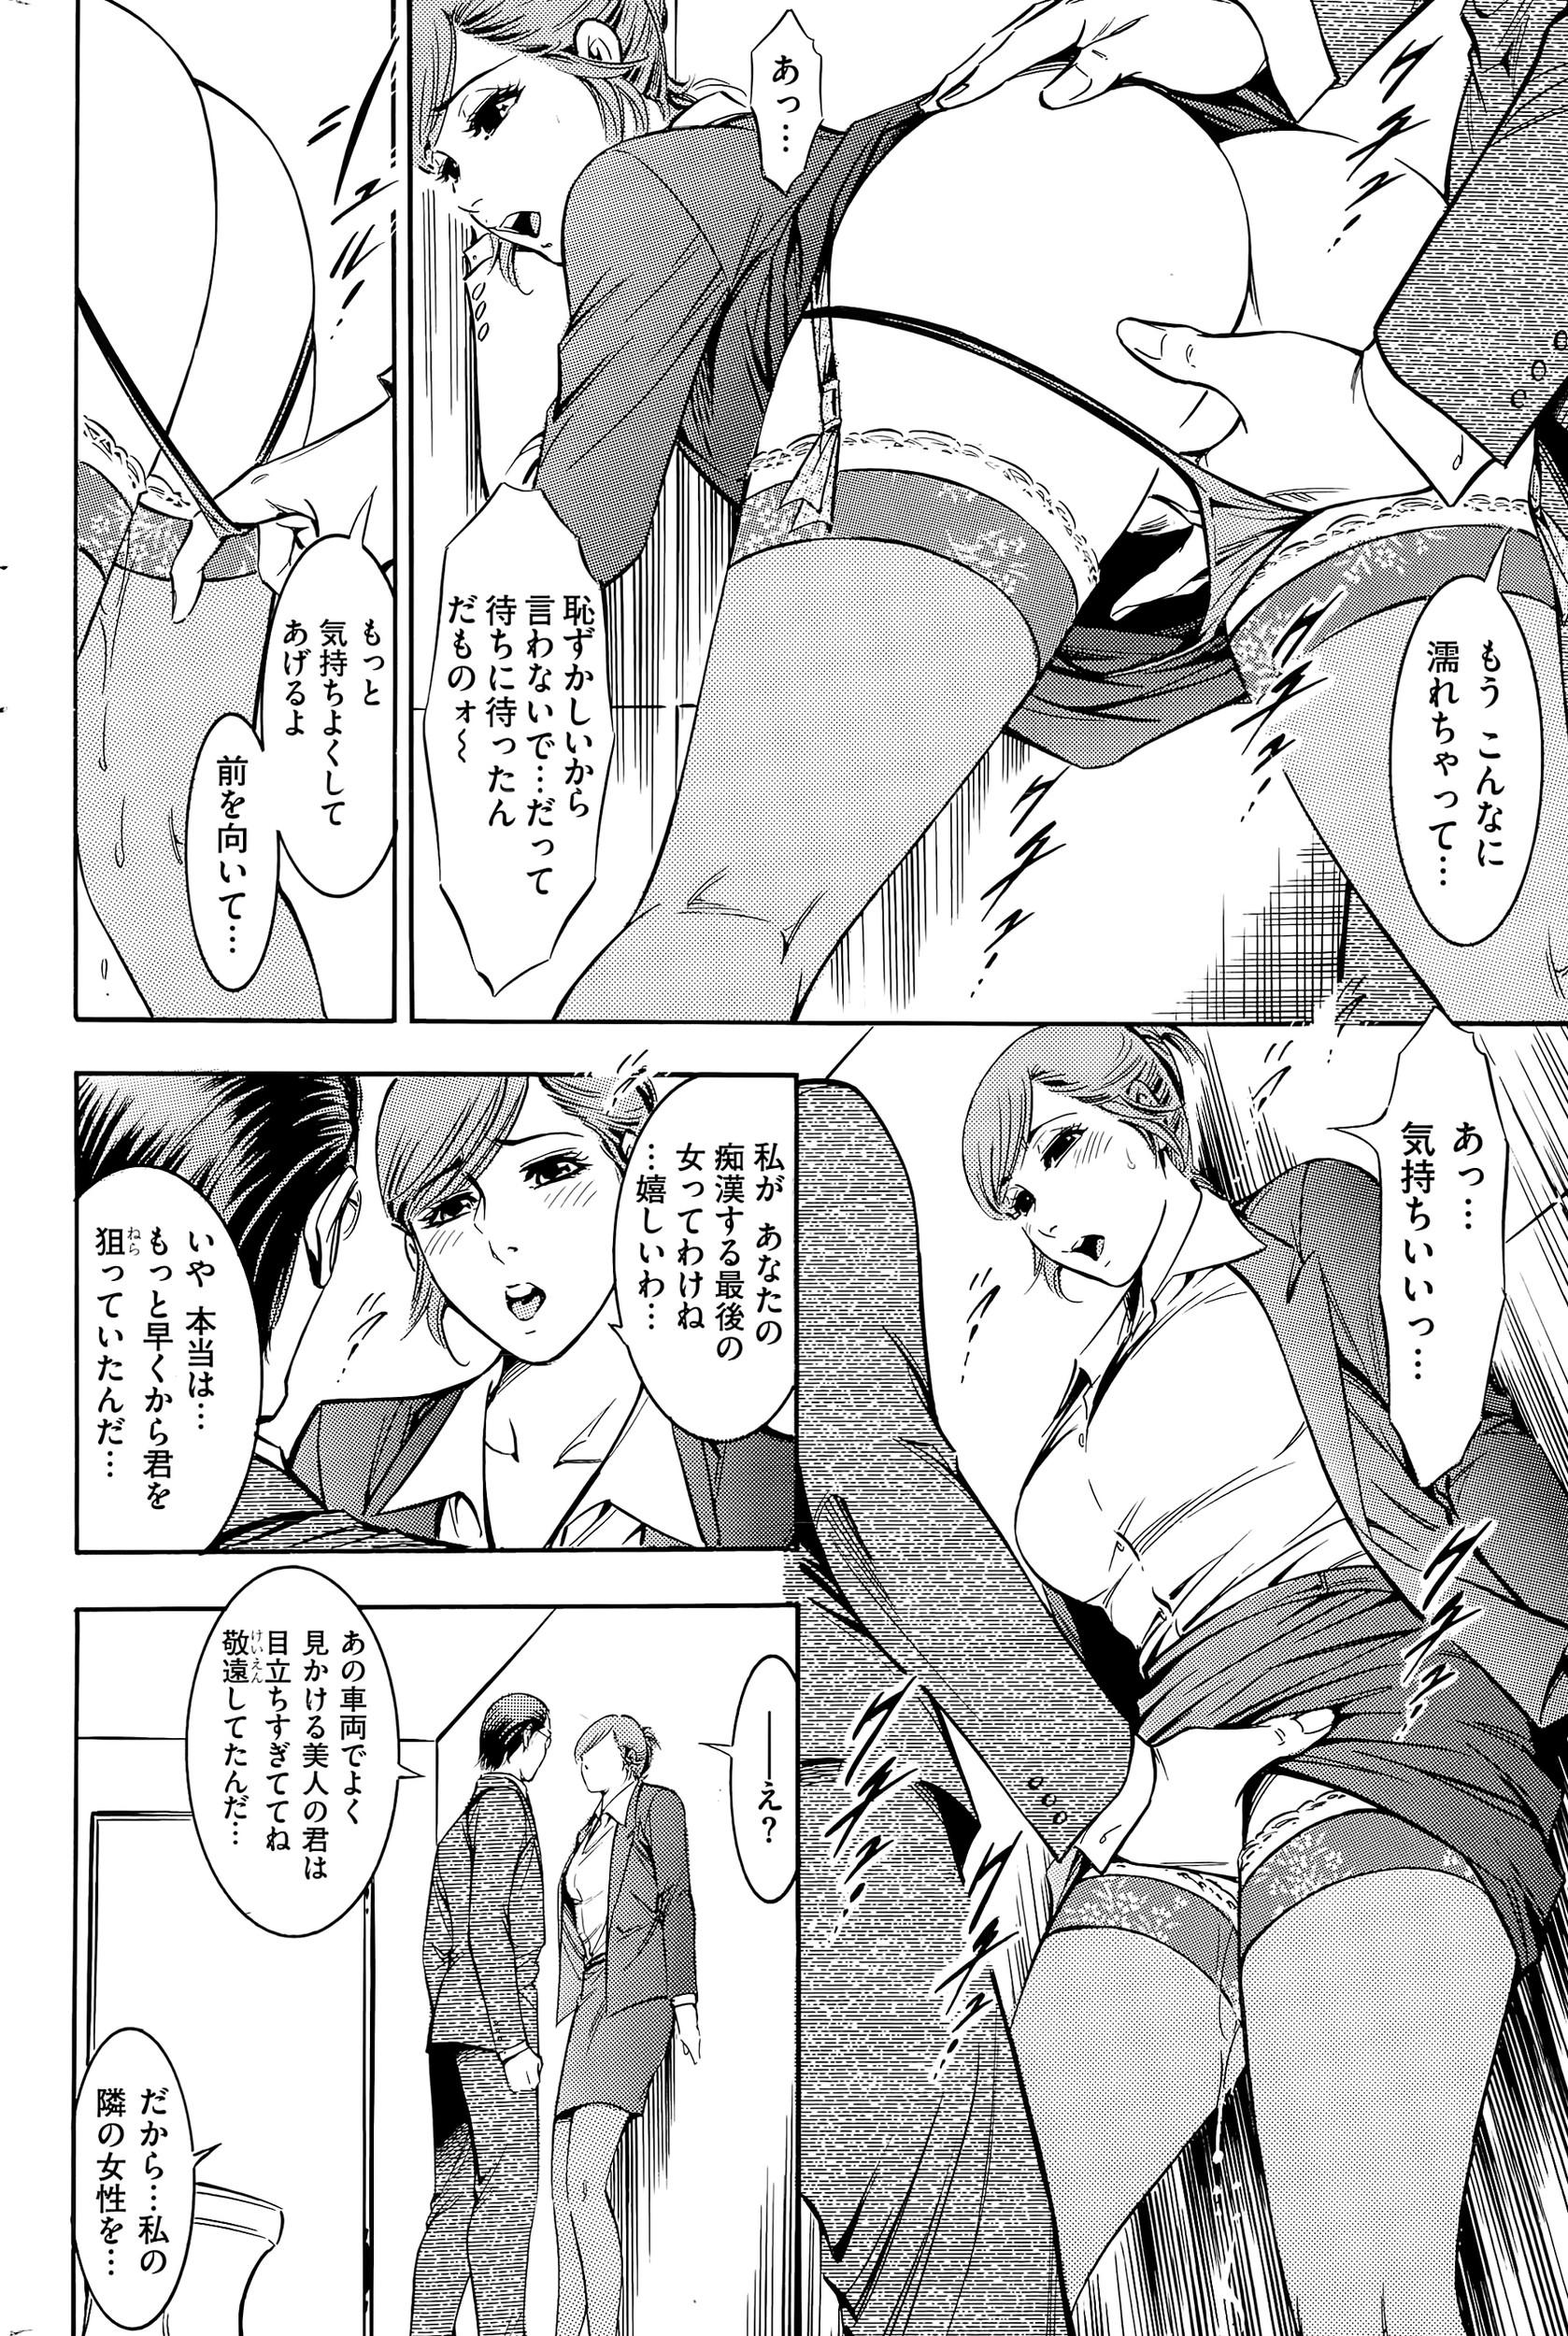 【エロ漫画・エロ同人】痴漢されたくてしょうがない巨乳OLwww (12)